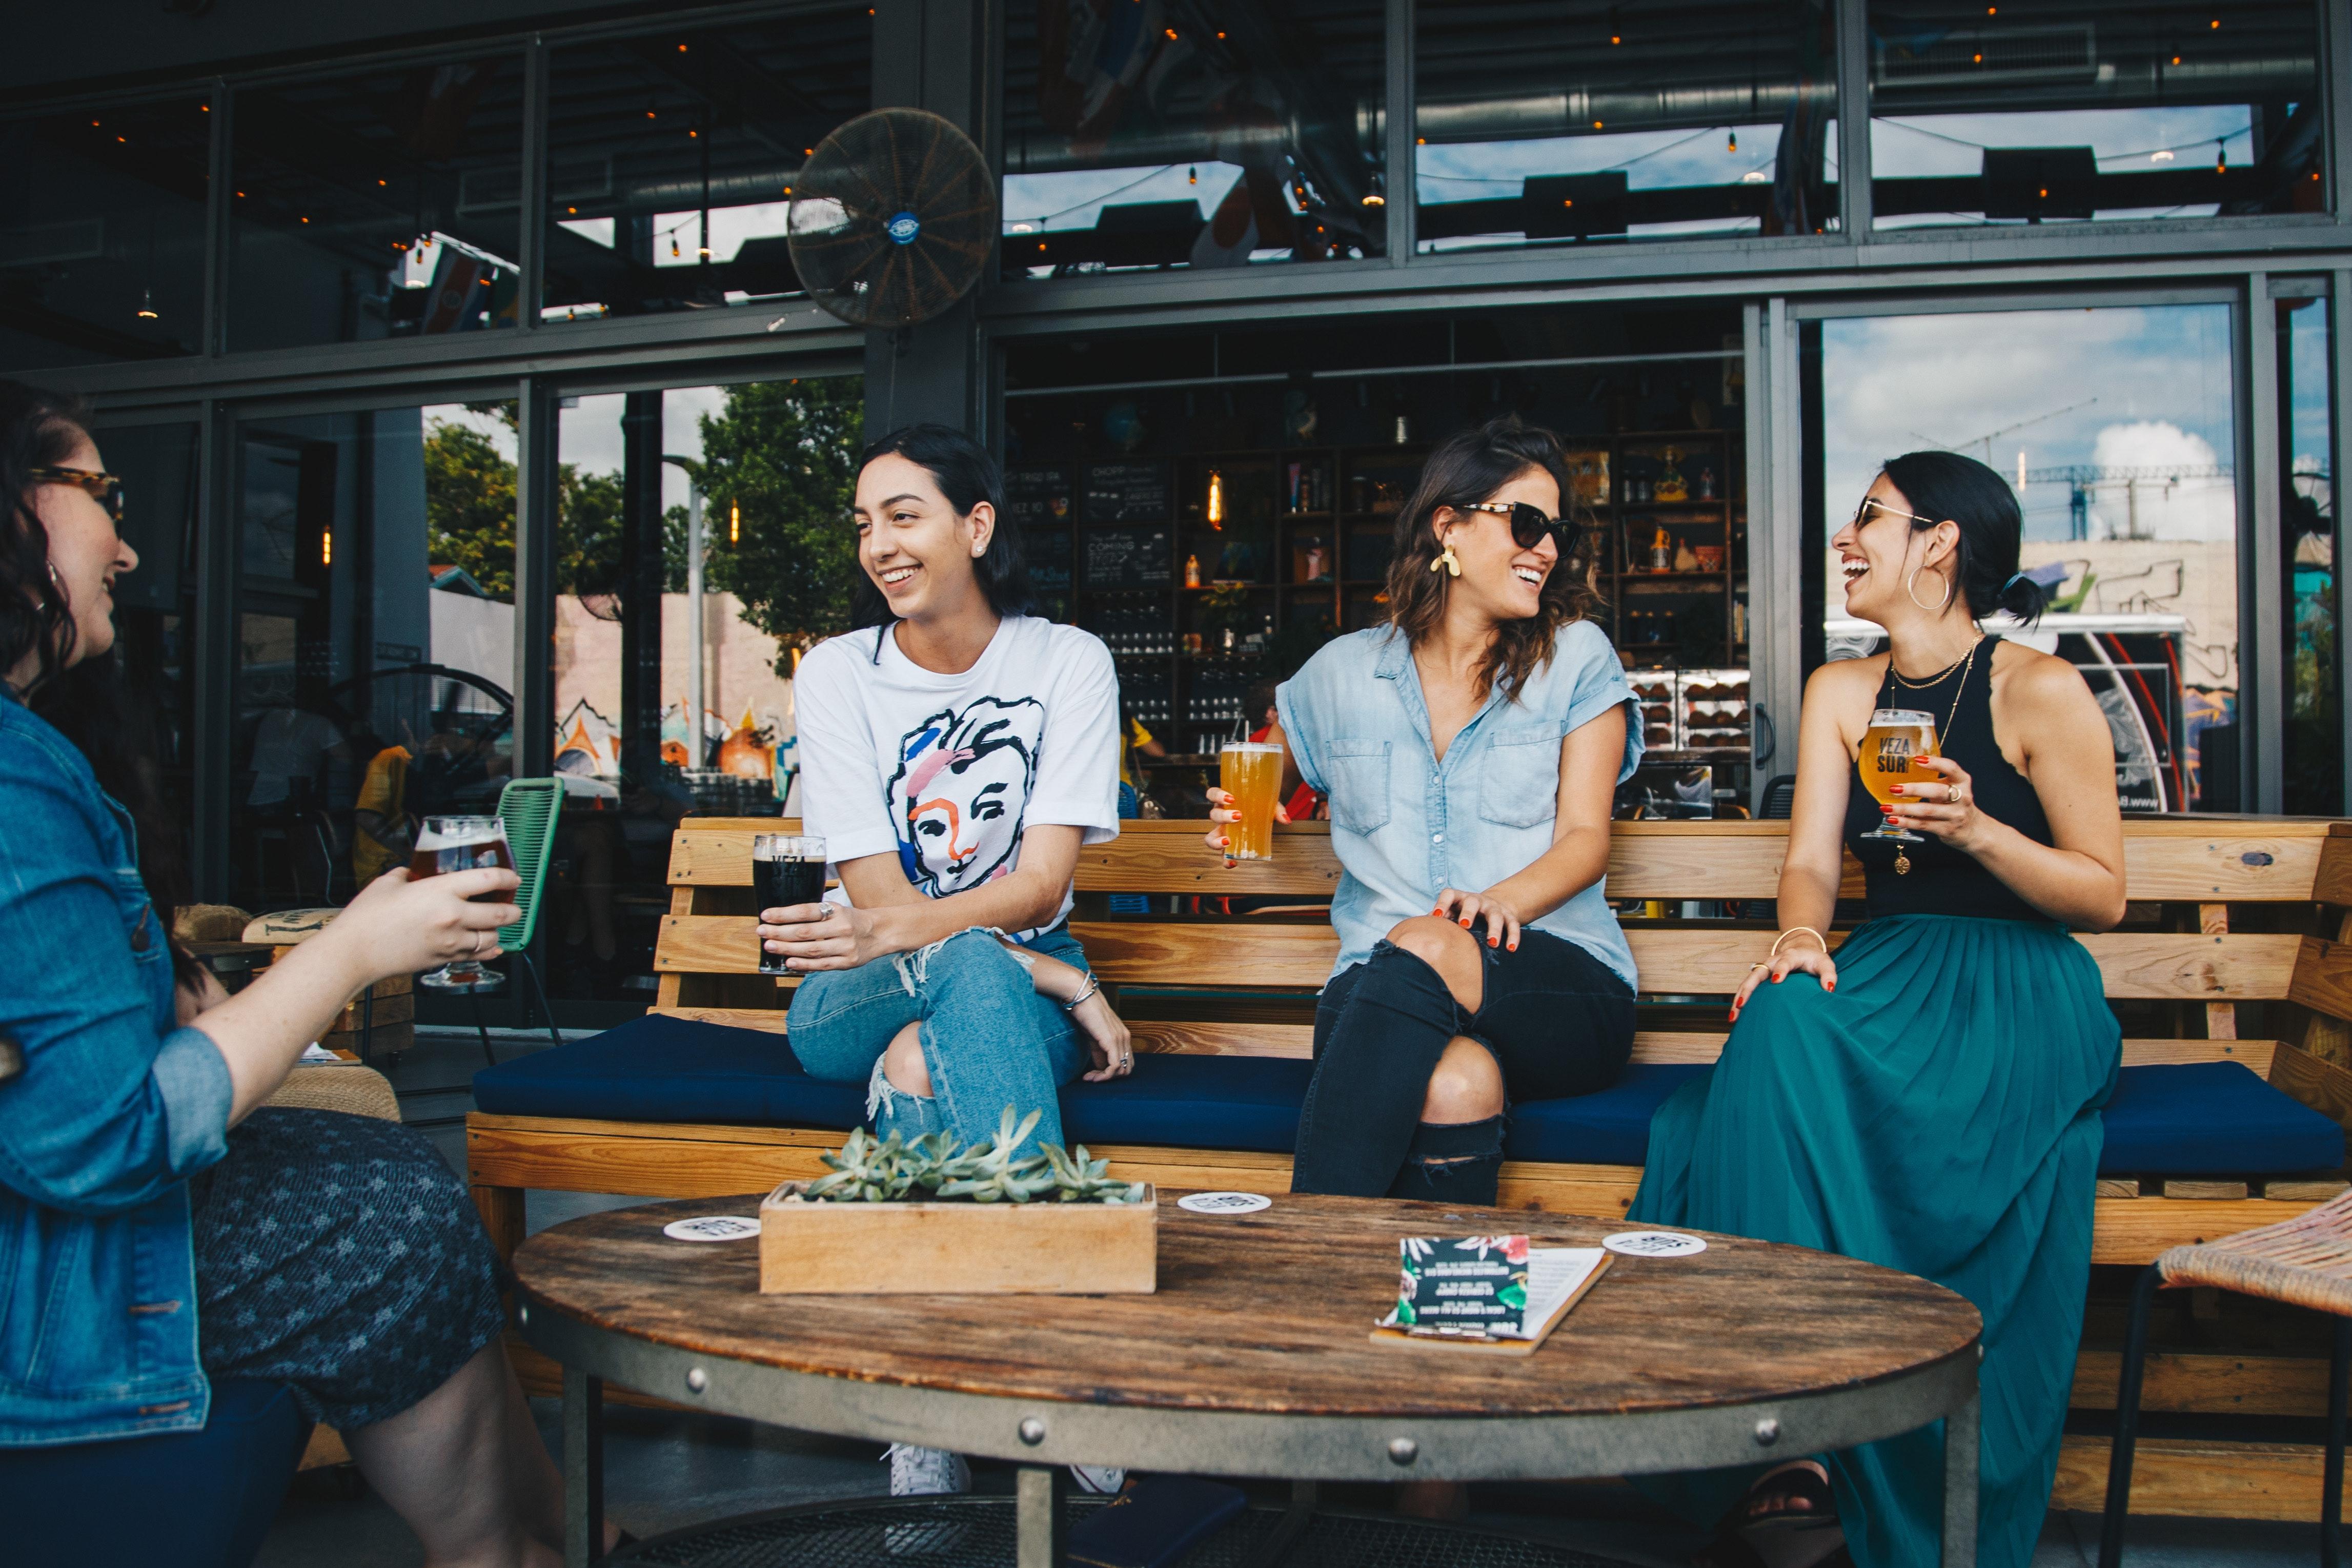 Copy of Hospitality_customer engagement image